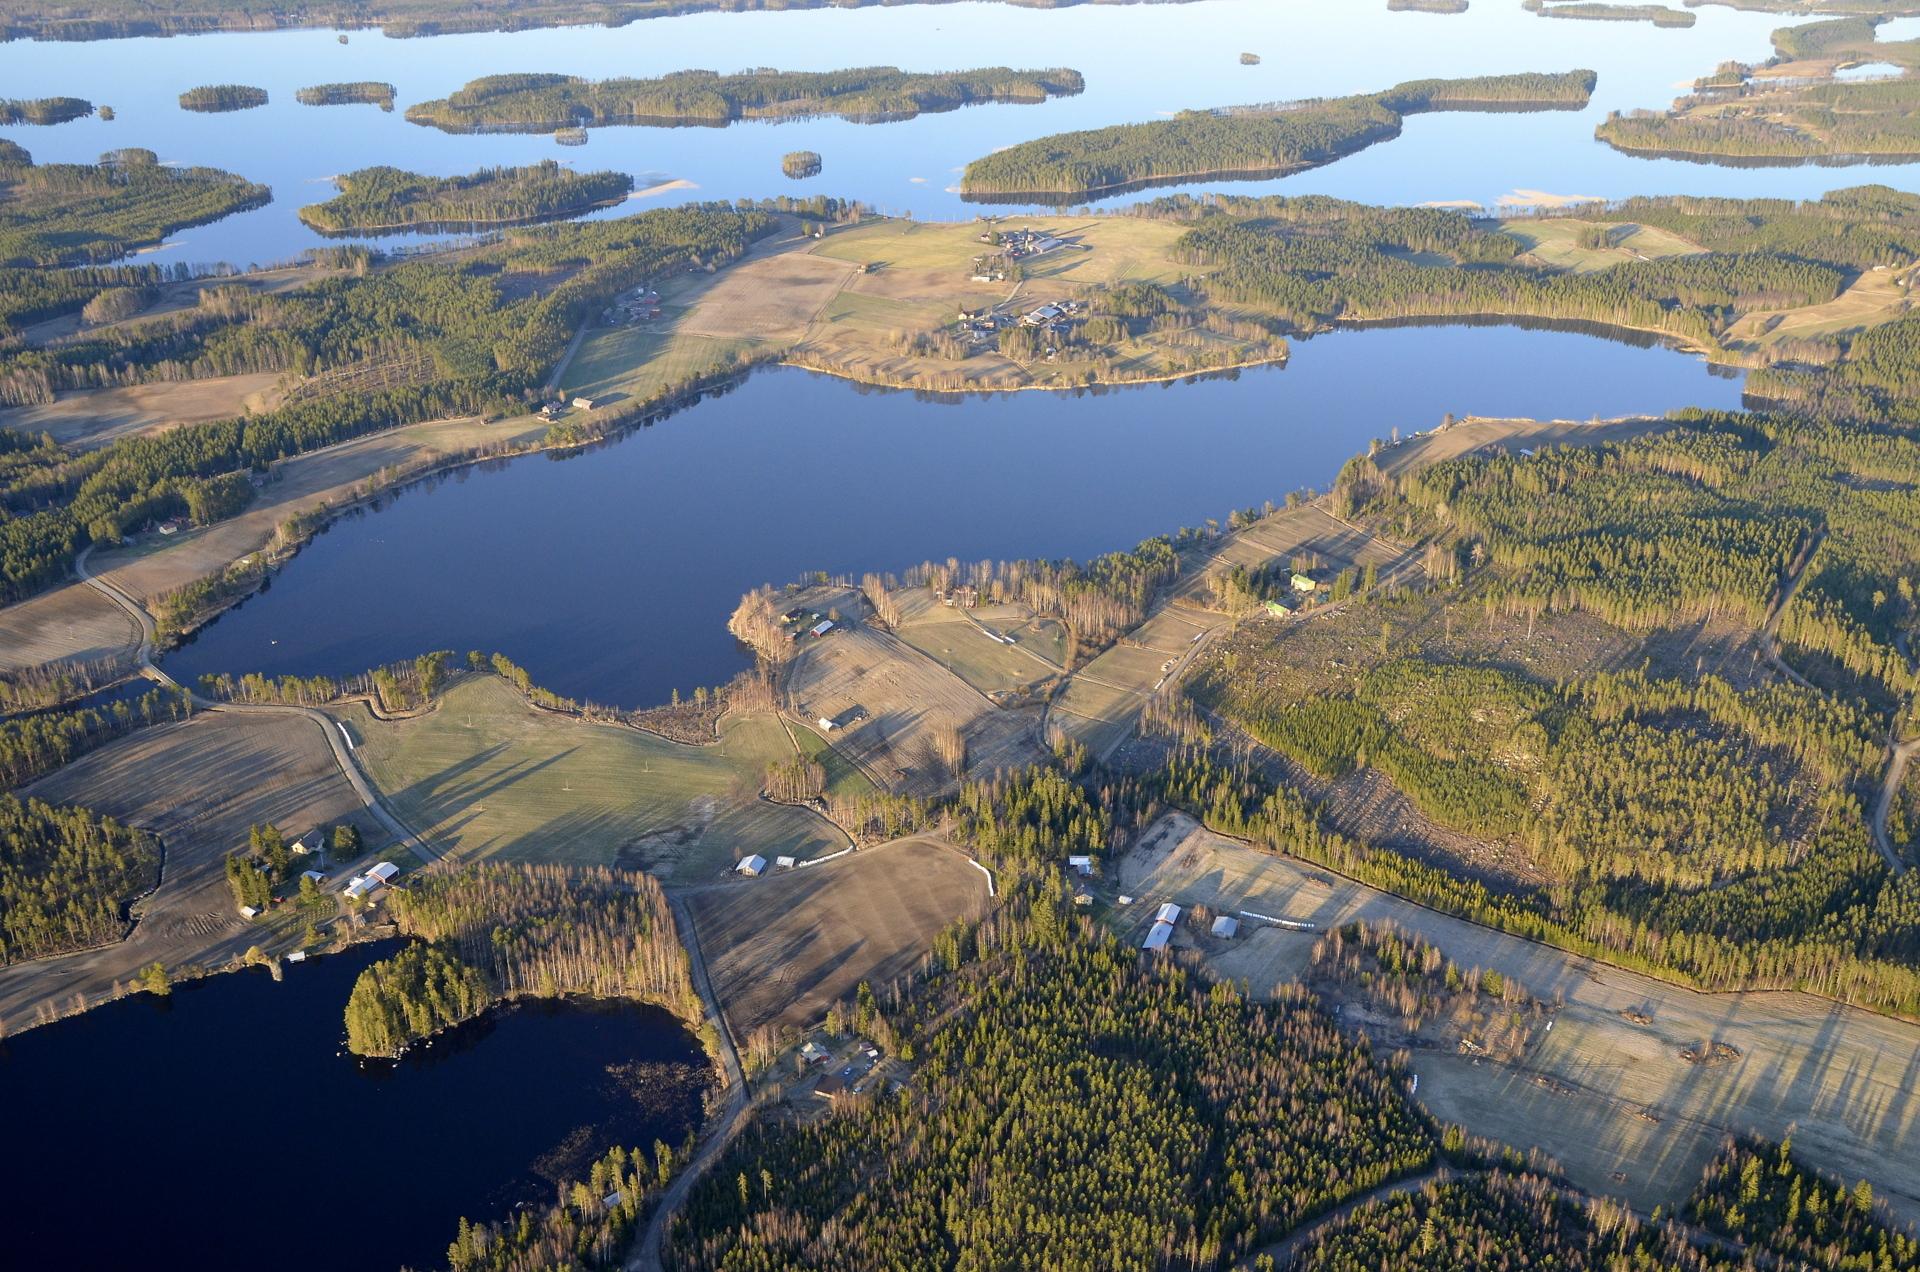 Pasalajärvi keskellä kuvaa ja molemmin puolin Kolimajärvi. 22.5.2020